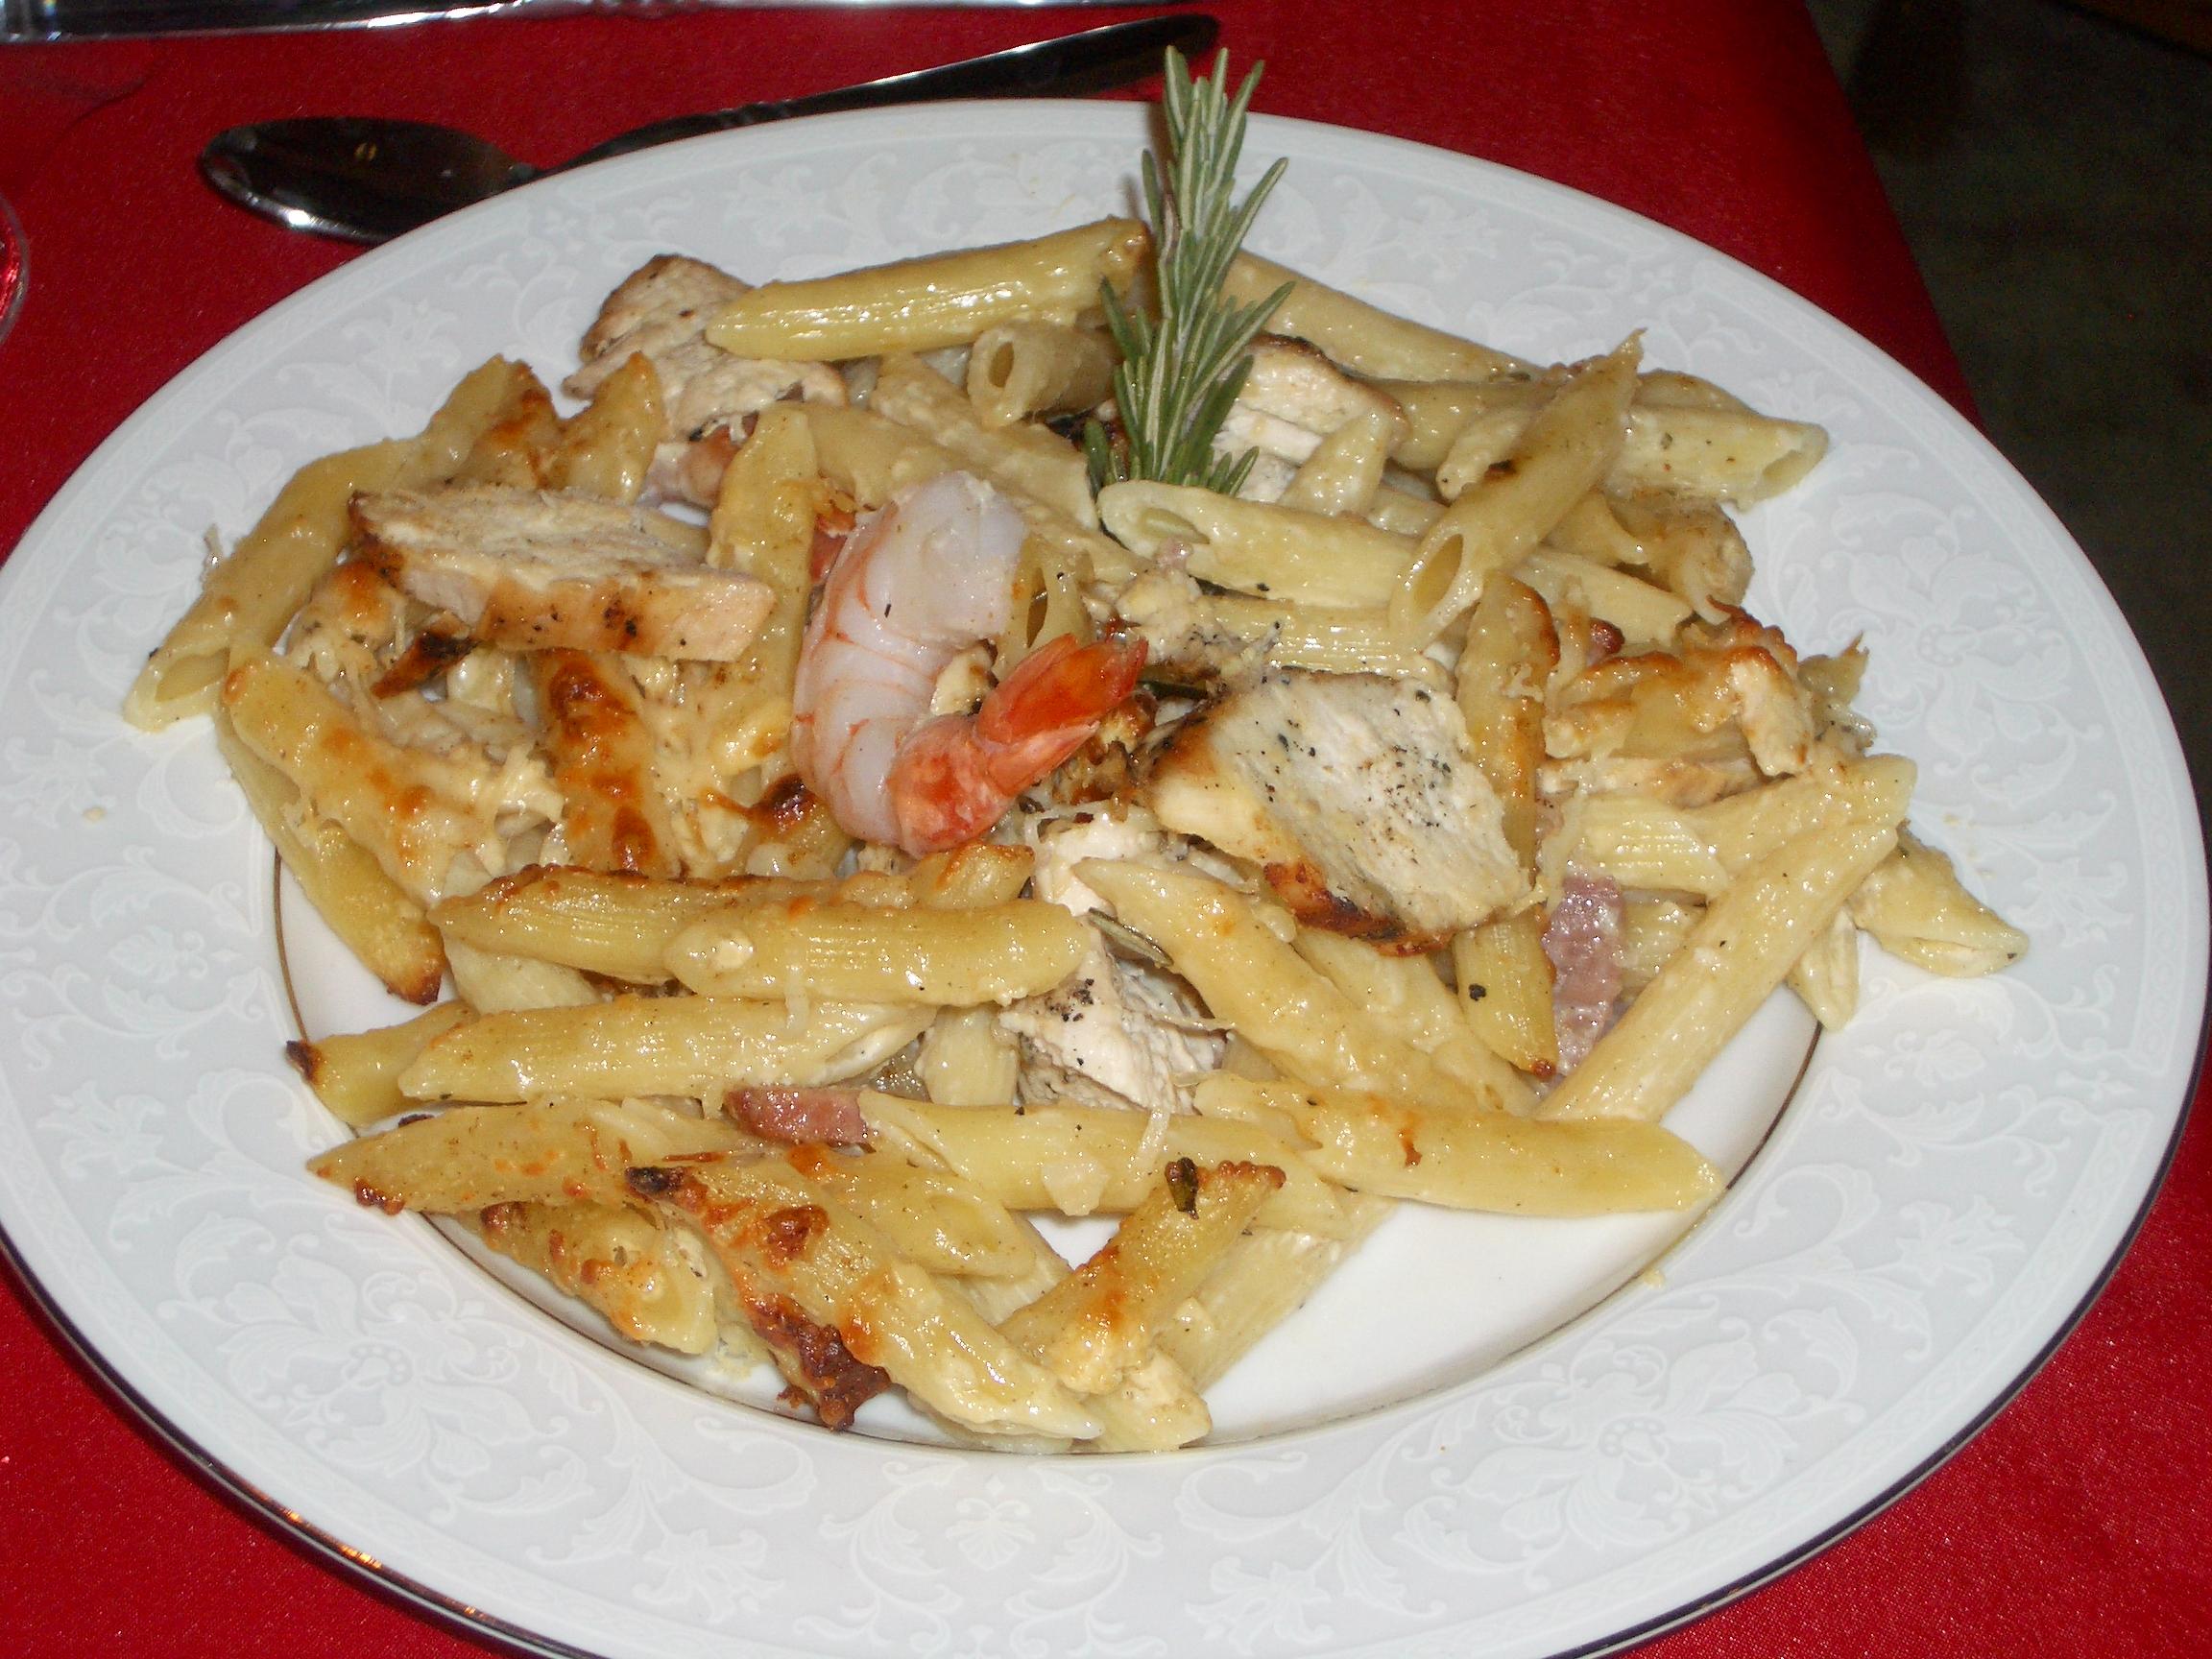 Romano's Macaroni Grill Penne Rustica by Todd Wilbur